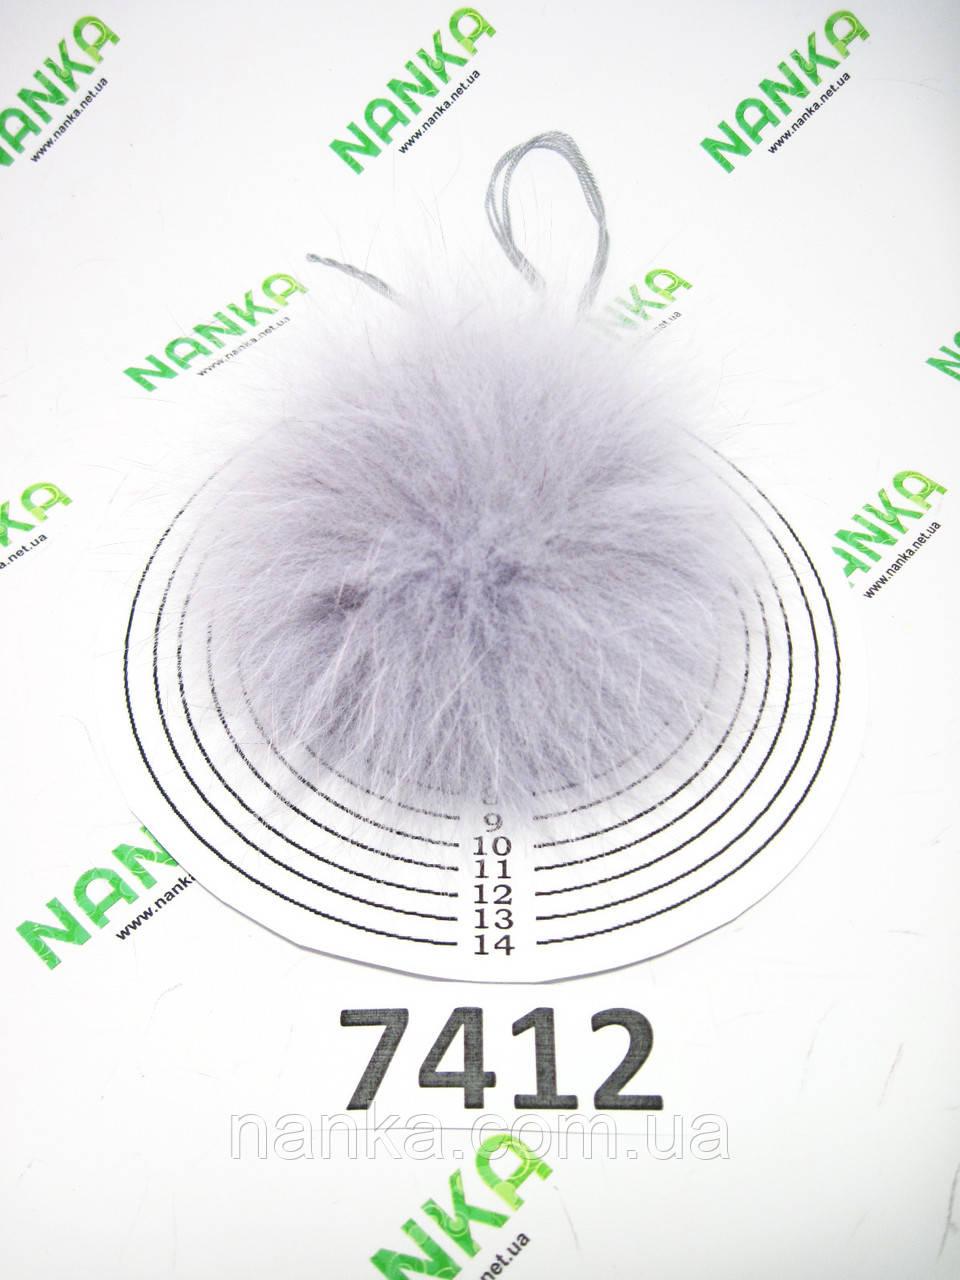 Меховой помпон Песец, Серо-голубой, 10 см, 7412